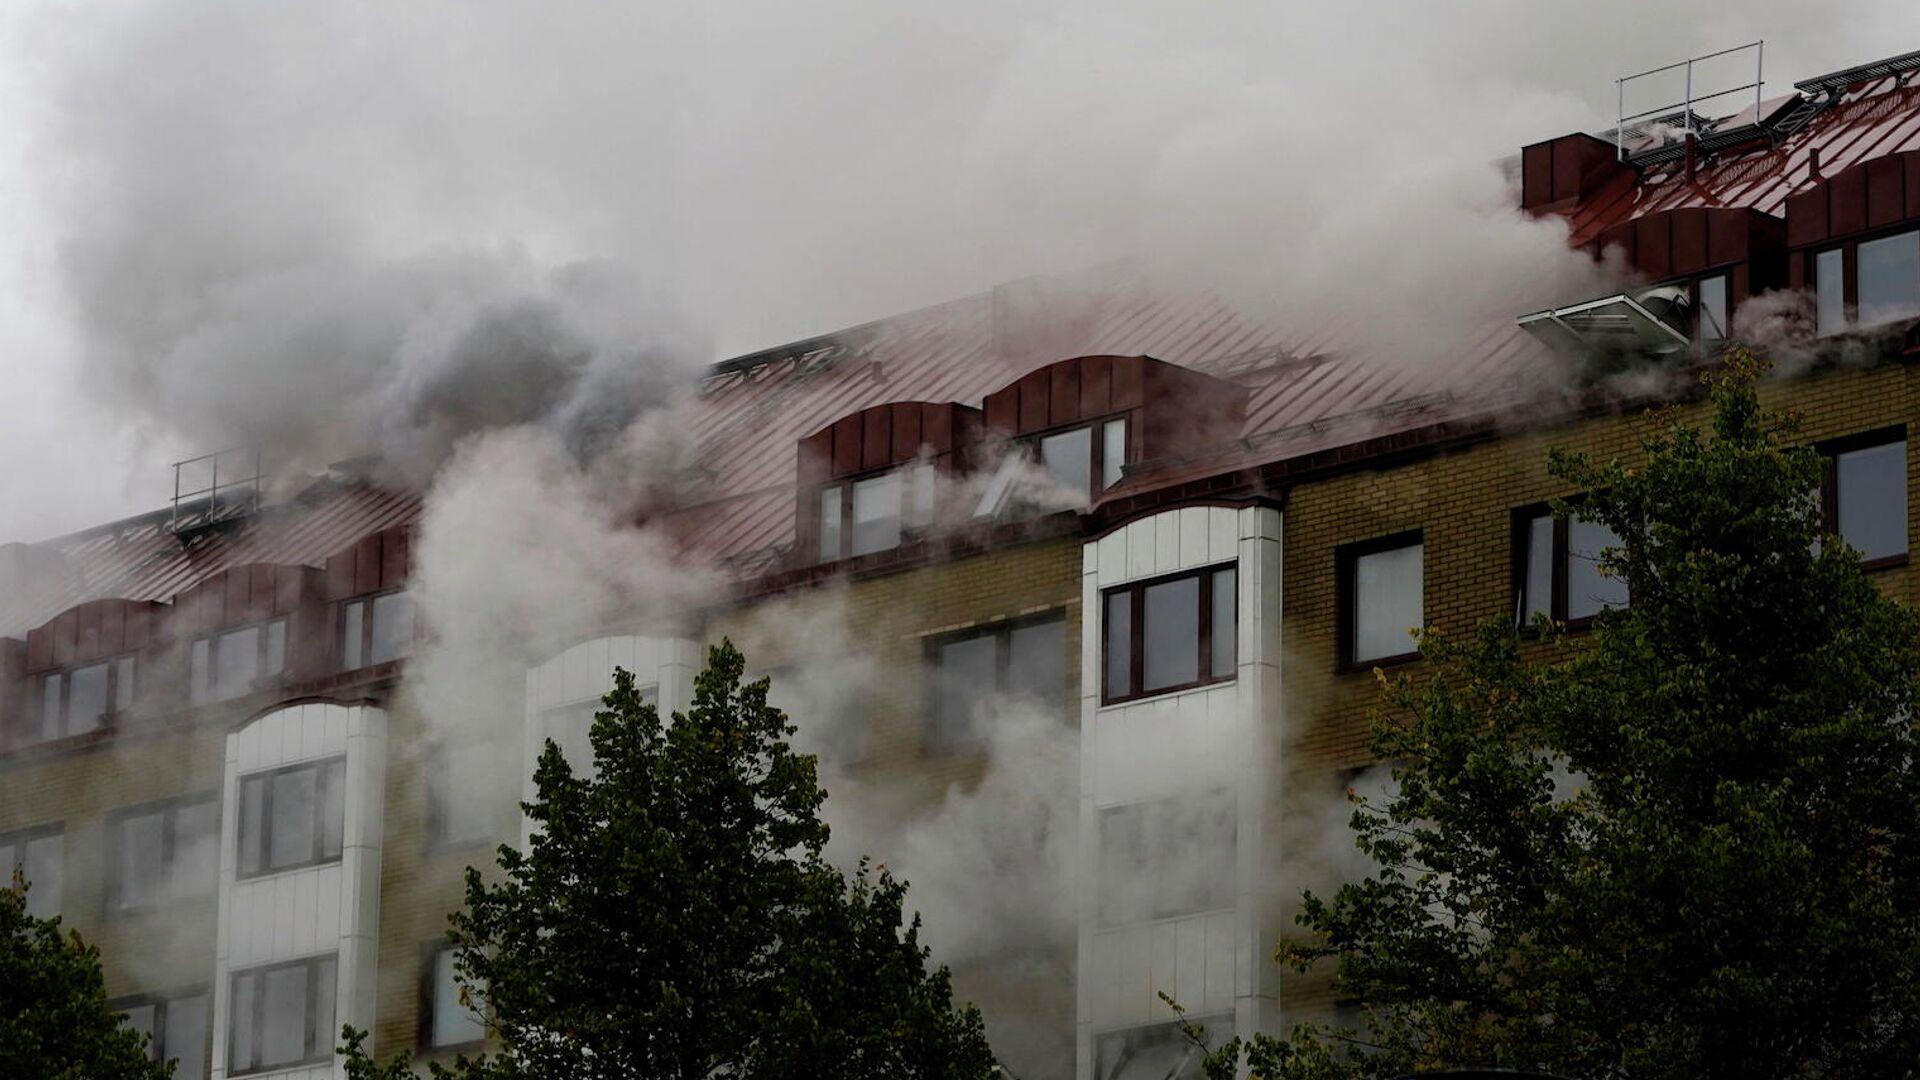 Взрыв в жилом доме в шведском городе Гётеборг - Sputnik Грузия, 1920, 28.09.2021